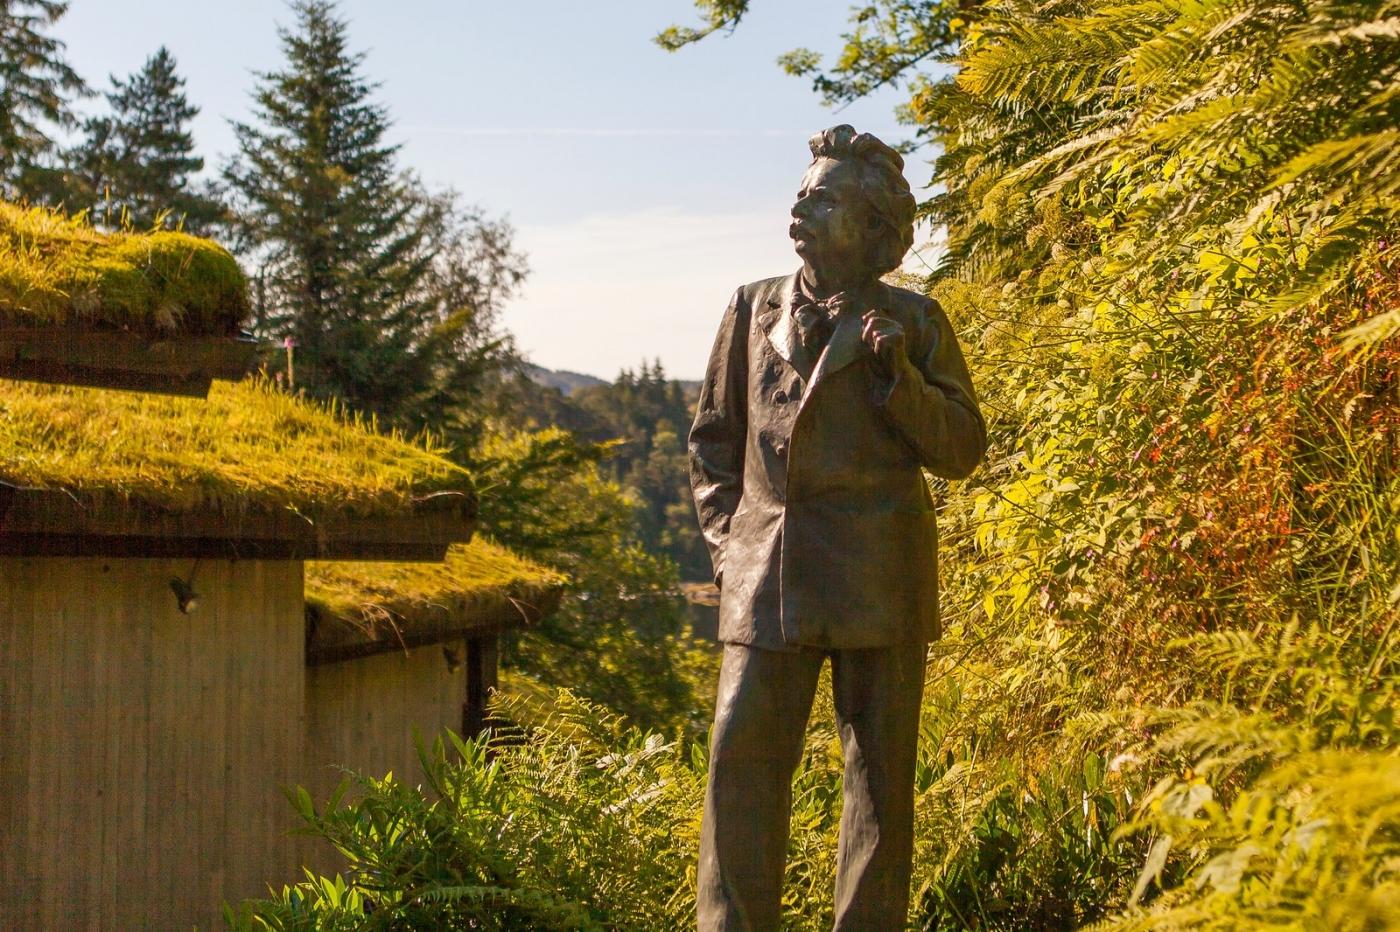 挪威作曲家爱德华-格里格,故居环境很漂亮_图1-1